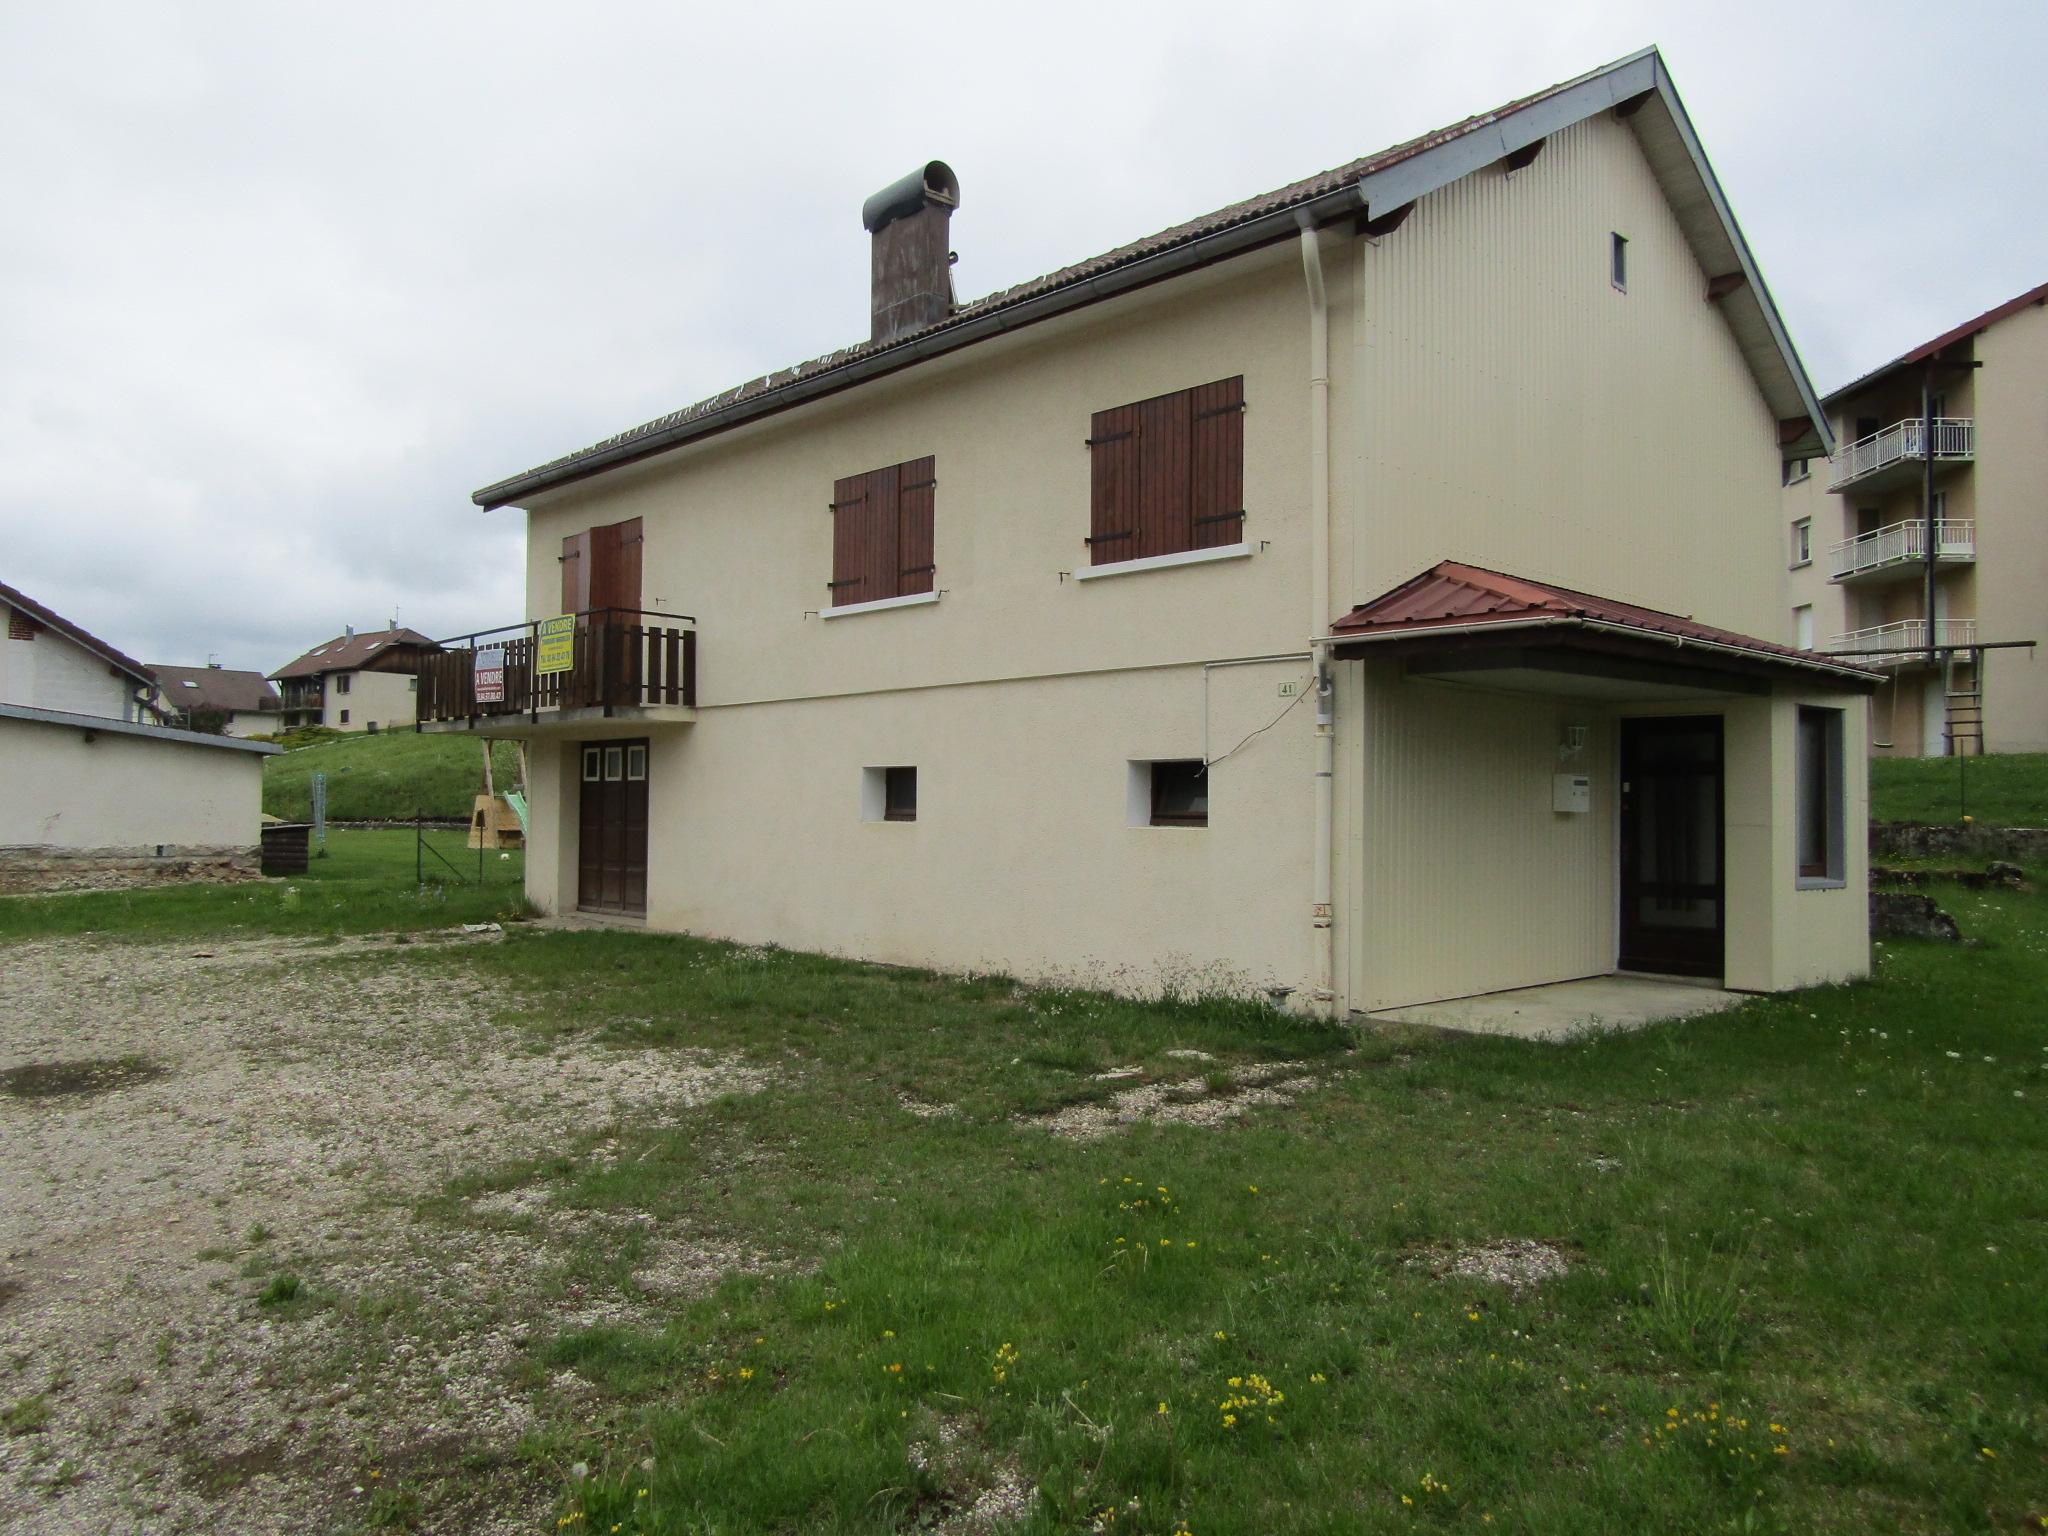 Vente maison secteur St Laurent en Grandvaux